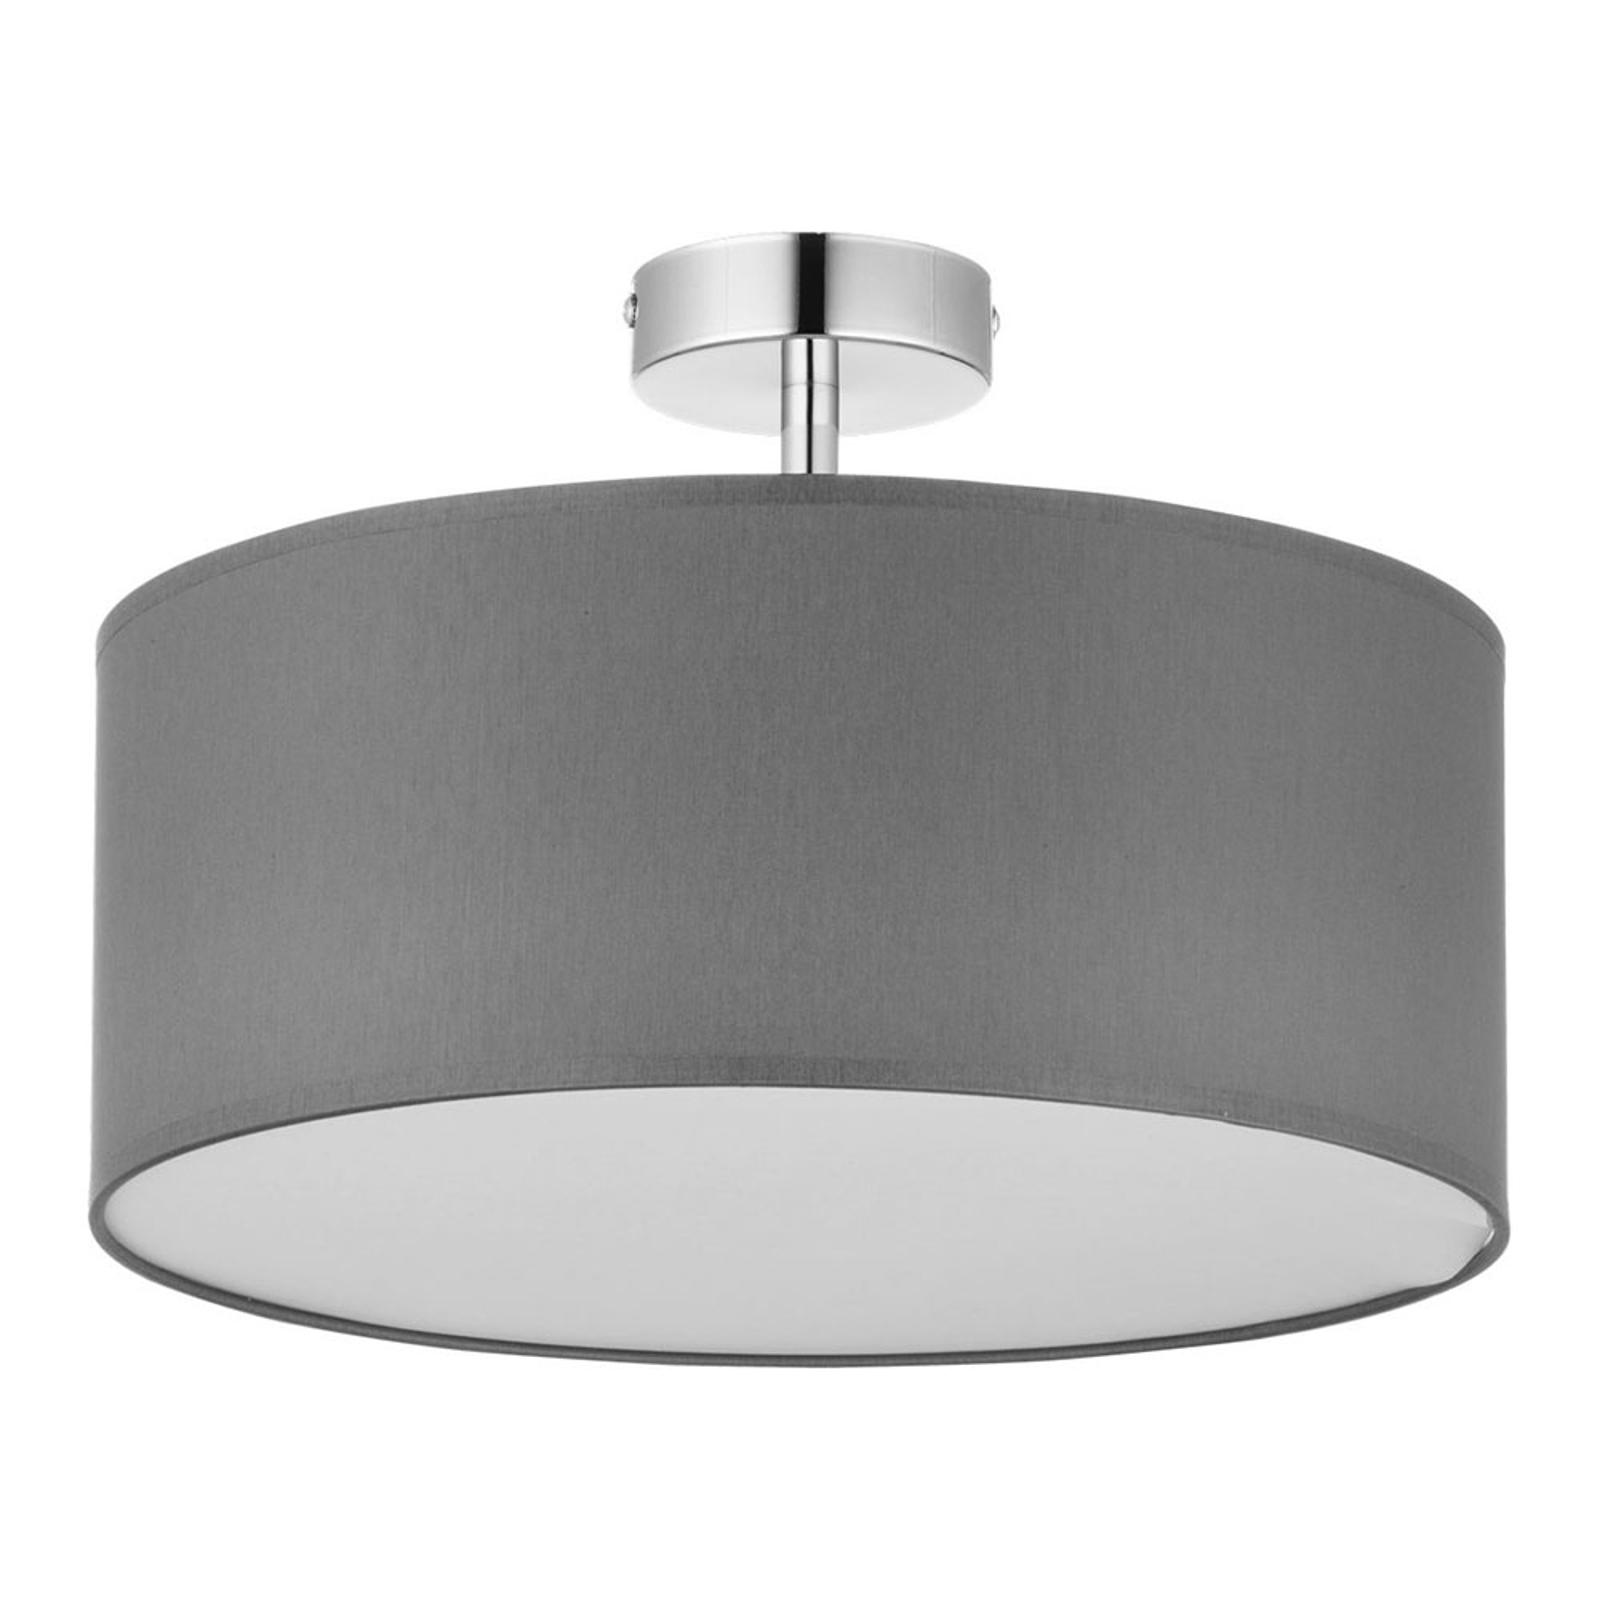 Rondo taklampe med avstand, grå Ø 45 cm